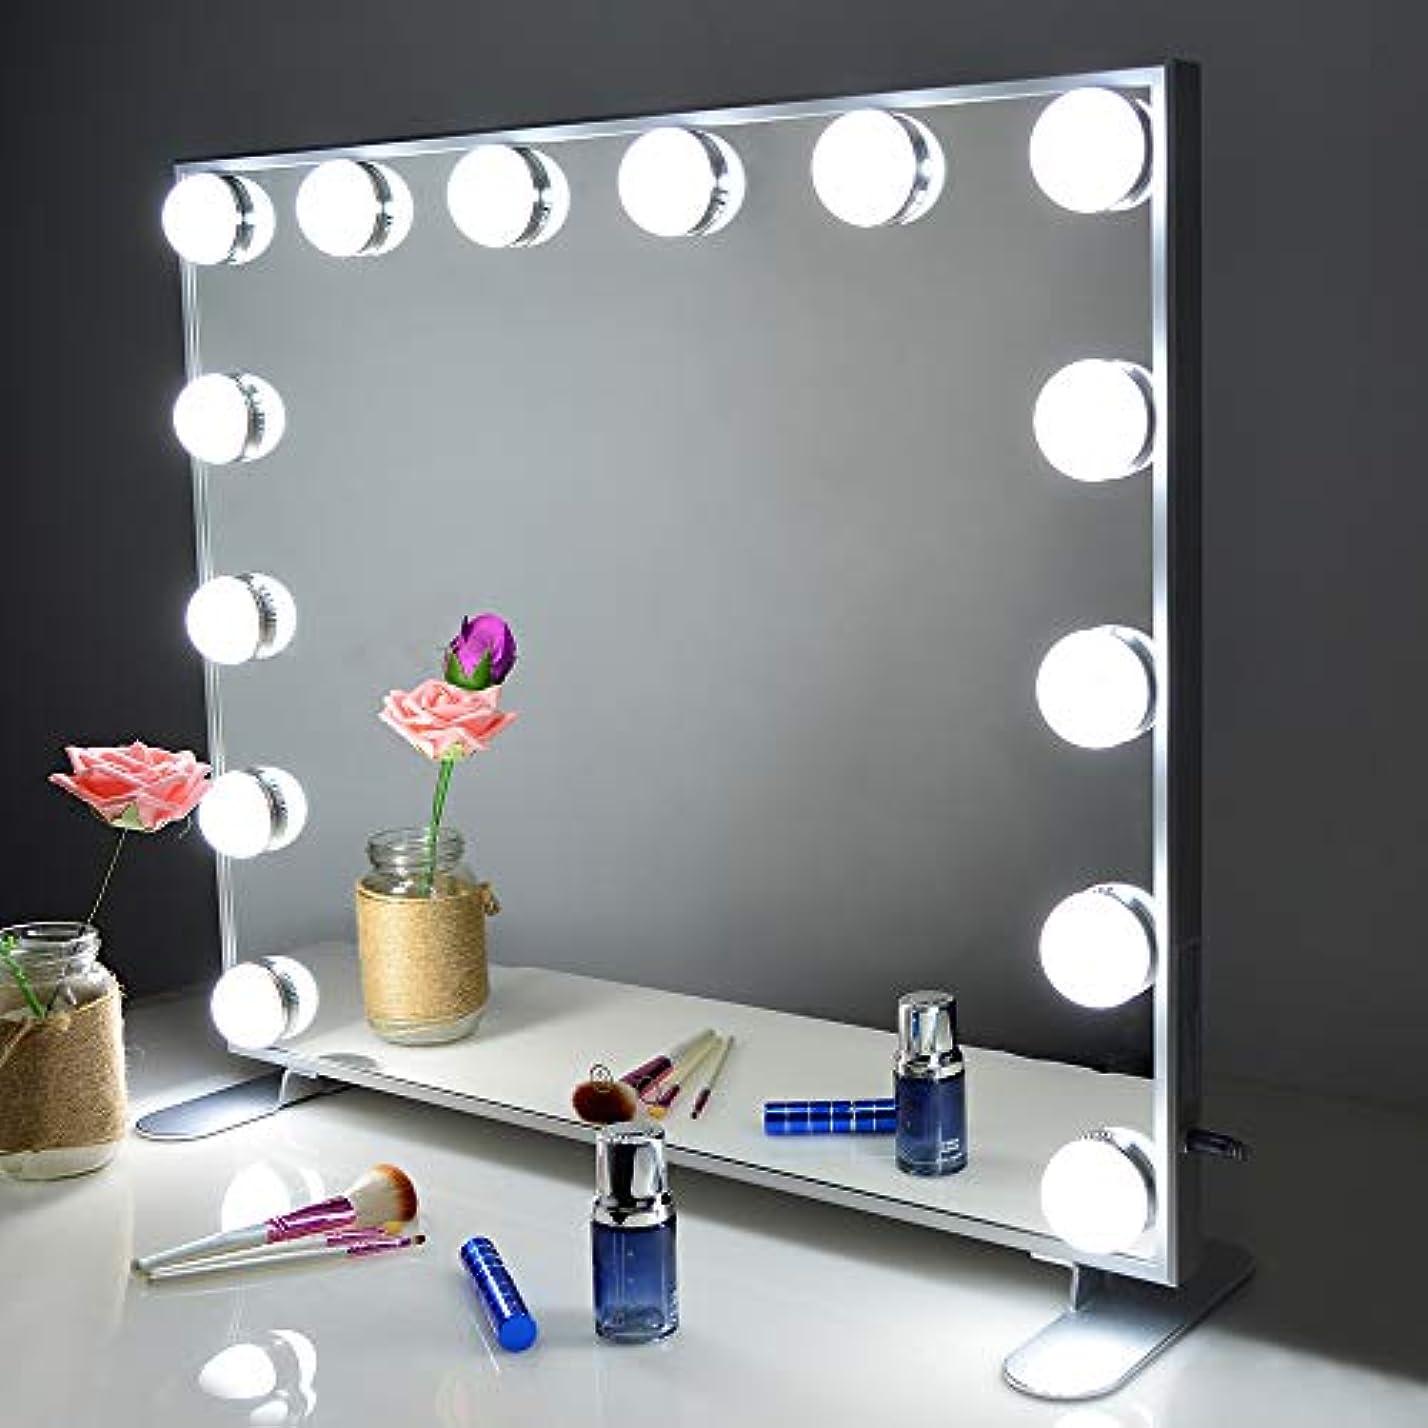 電圧愛する構成するWonstart 女優ミラー 化粧鏡 ハリウッドスタイル 14個LED電球付き 暖色?寒色 2色ライトモード 明るさ調節可能 女優ライト 卓上 LEDミラー ドレッサー/化粧台適用(シルバー)